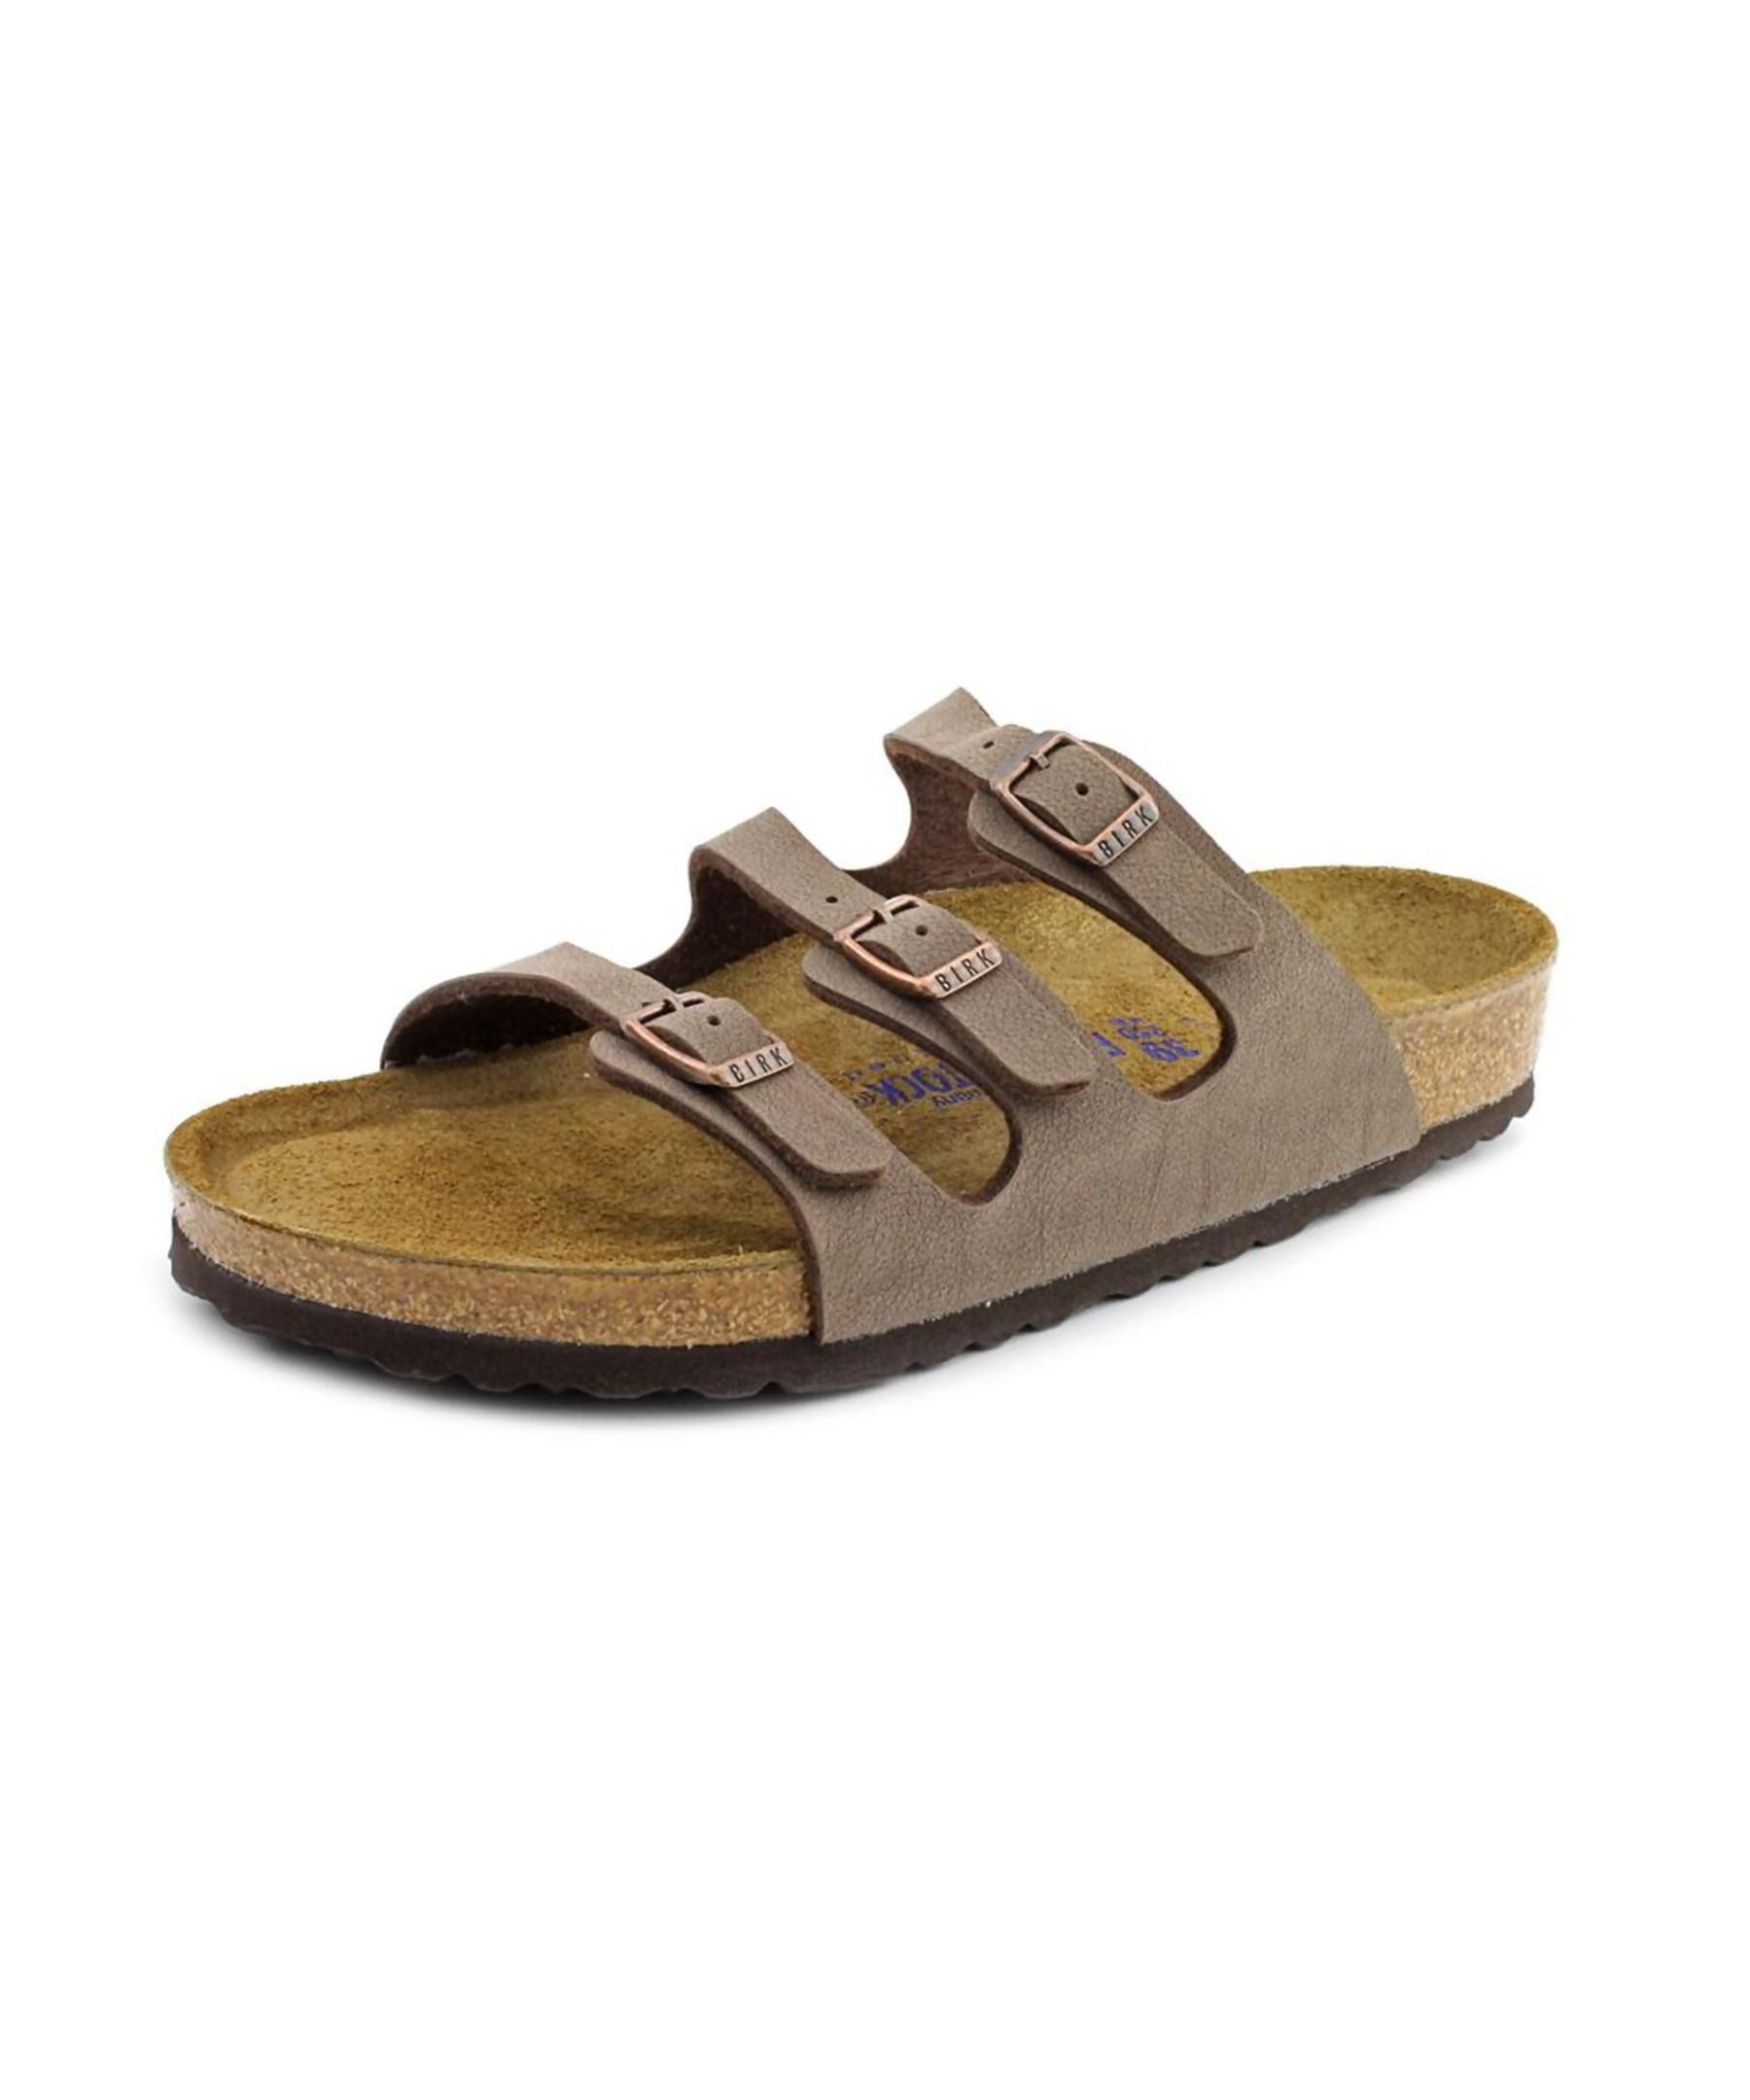 birkenstock florida open toe leather slides sandal in. Black Bedroom Furniture Sets. Home Design Ideas